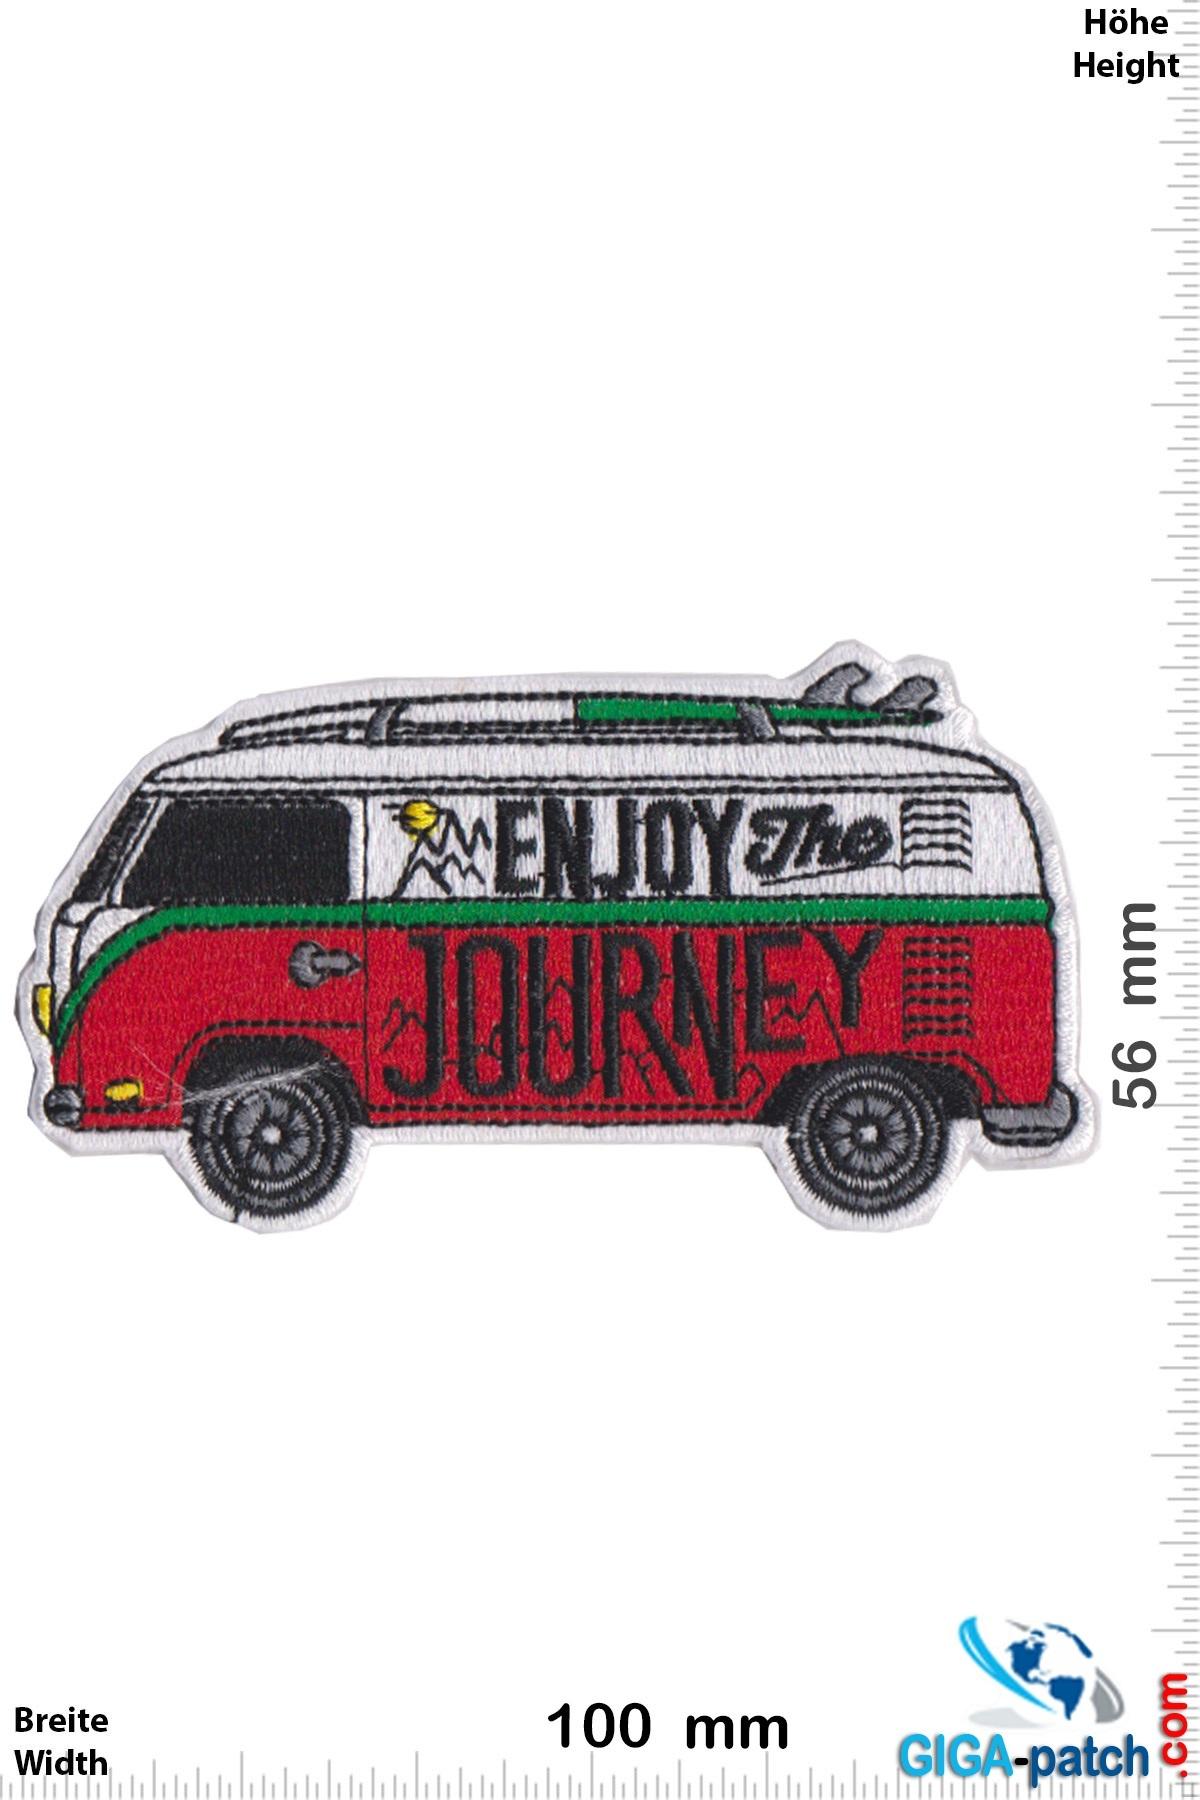 VW,Volkswagen VW -Volkswagen - T1 - Enjoy the Journey